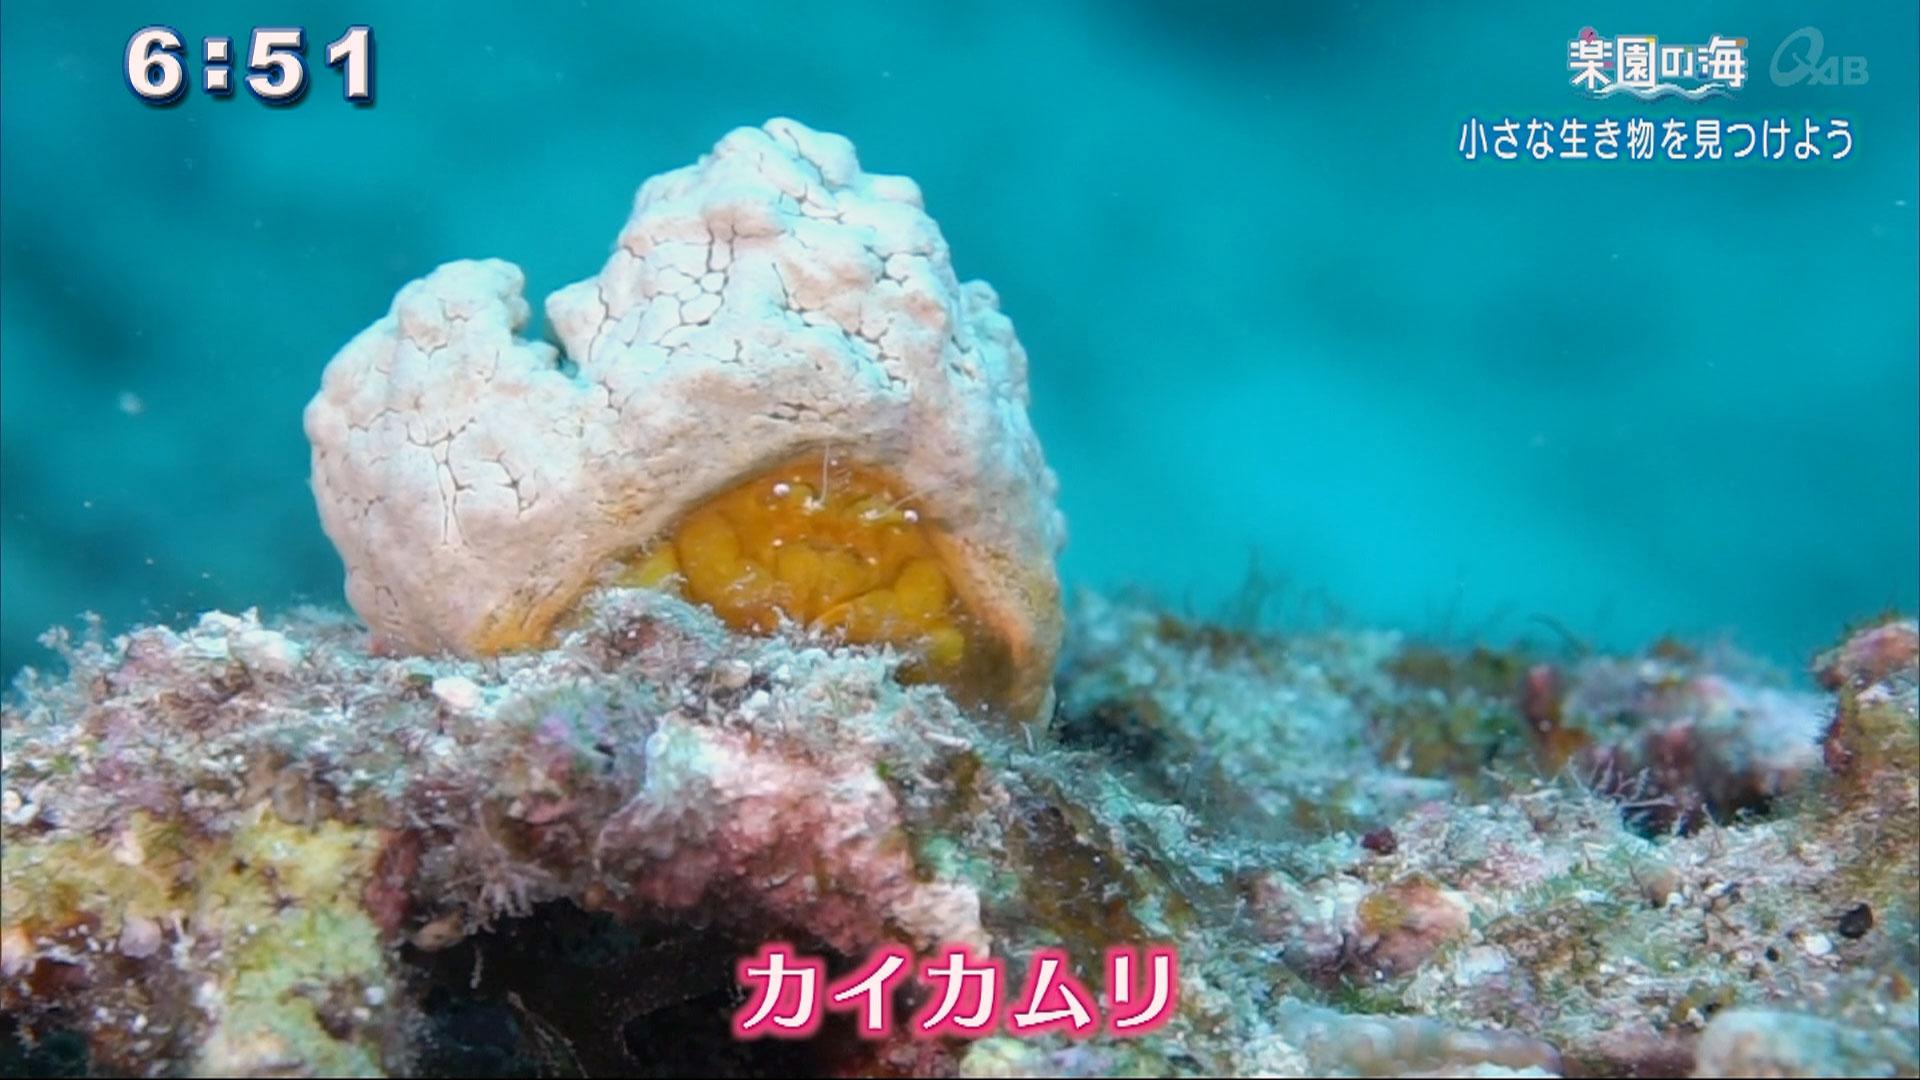 楽園の海 小さな生き物を見つけよう